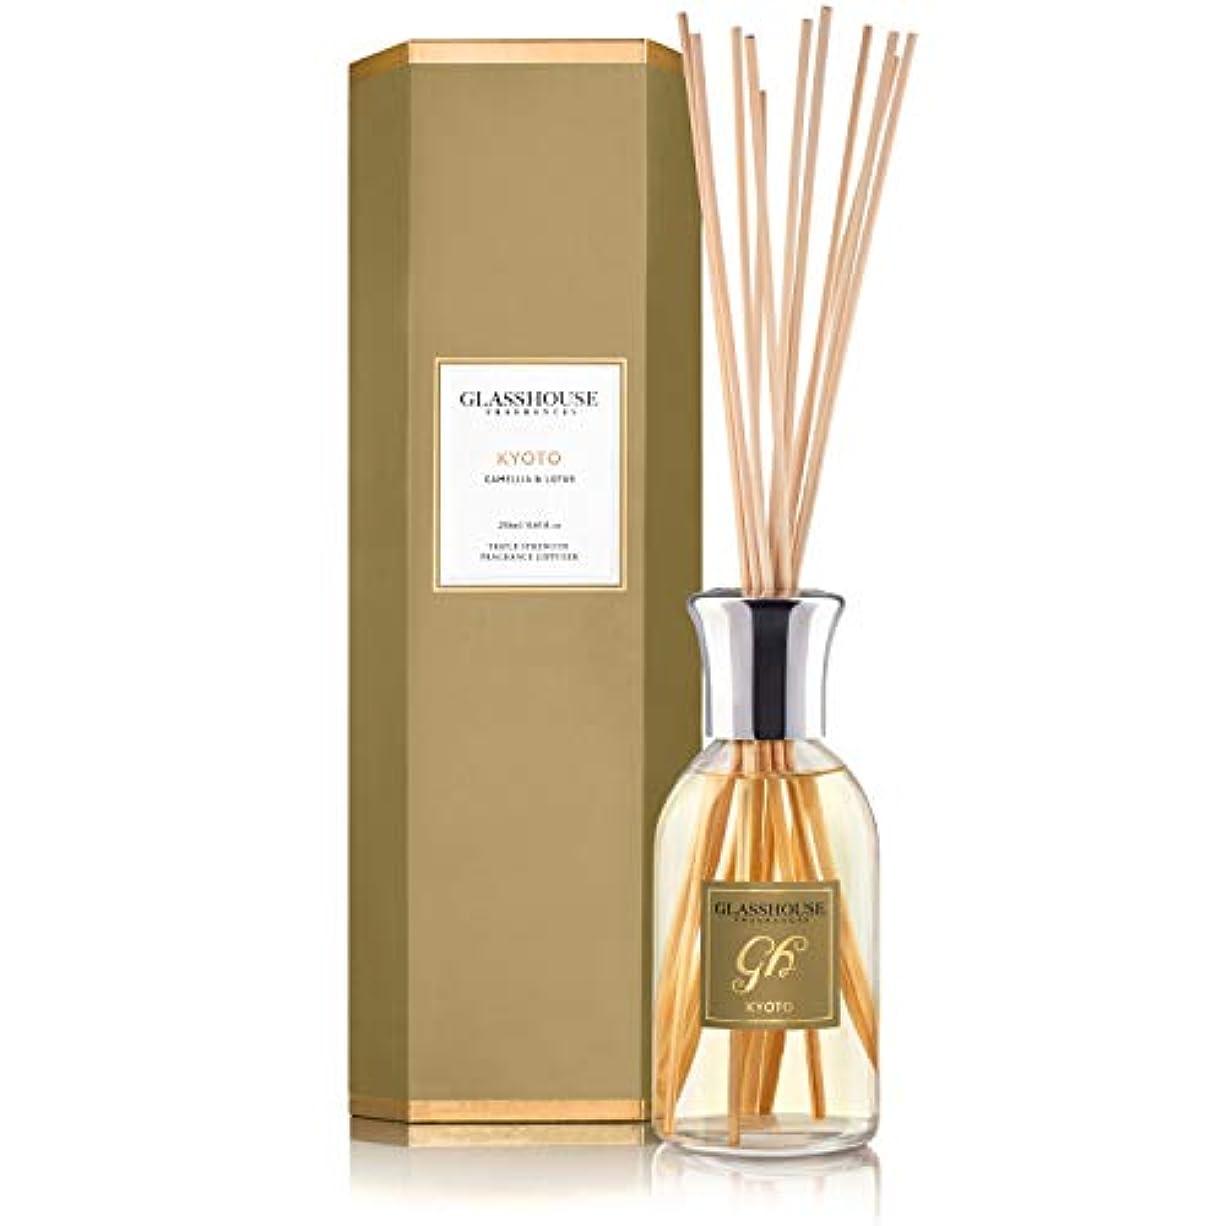 妊娠した侵入野生グラスハウス Triple Strength Fragrance Diffuser - Kyoto (Camellia & Lotus) 250ml/8.45oz並行輸入品